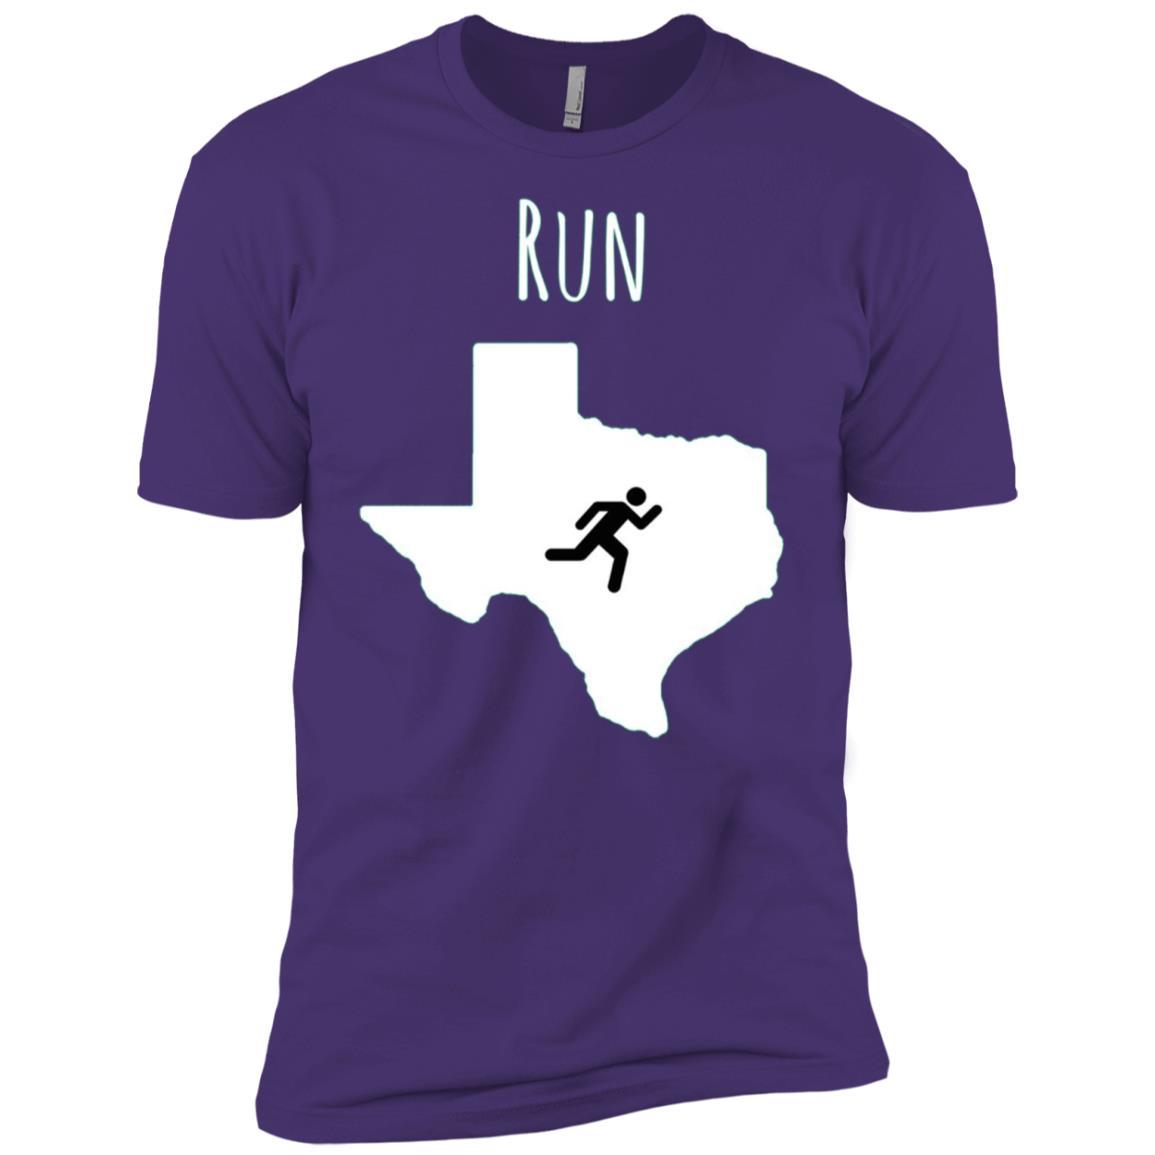 Run Texas, Runner Tee, Texas Running Men Short Sleeve T-Shirt